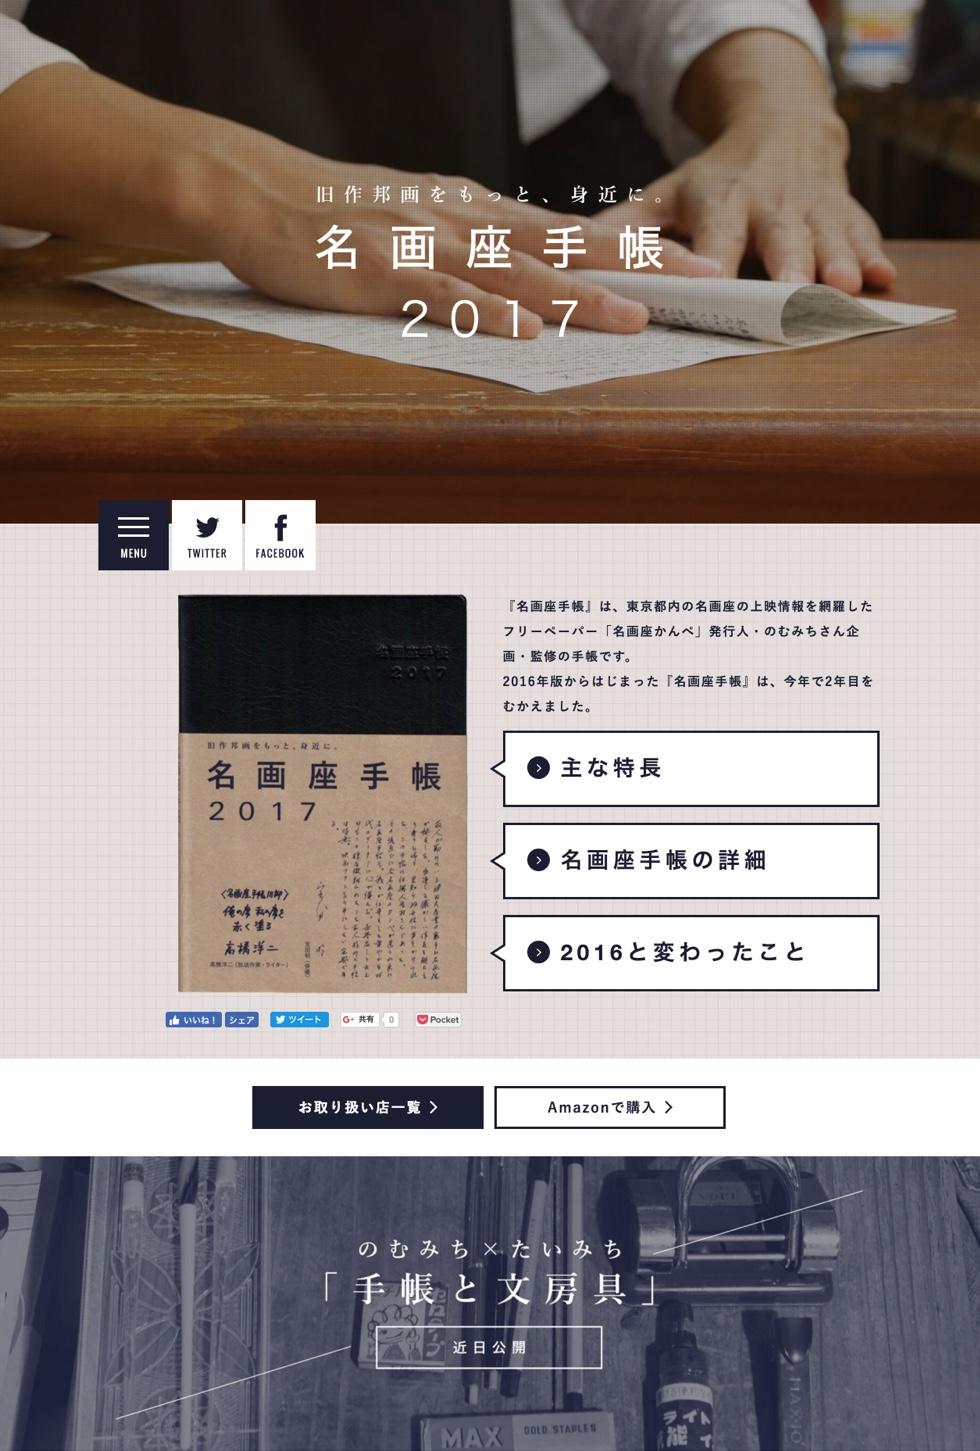 名画座手帳2017 PC版トップページのスクリーンショット